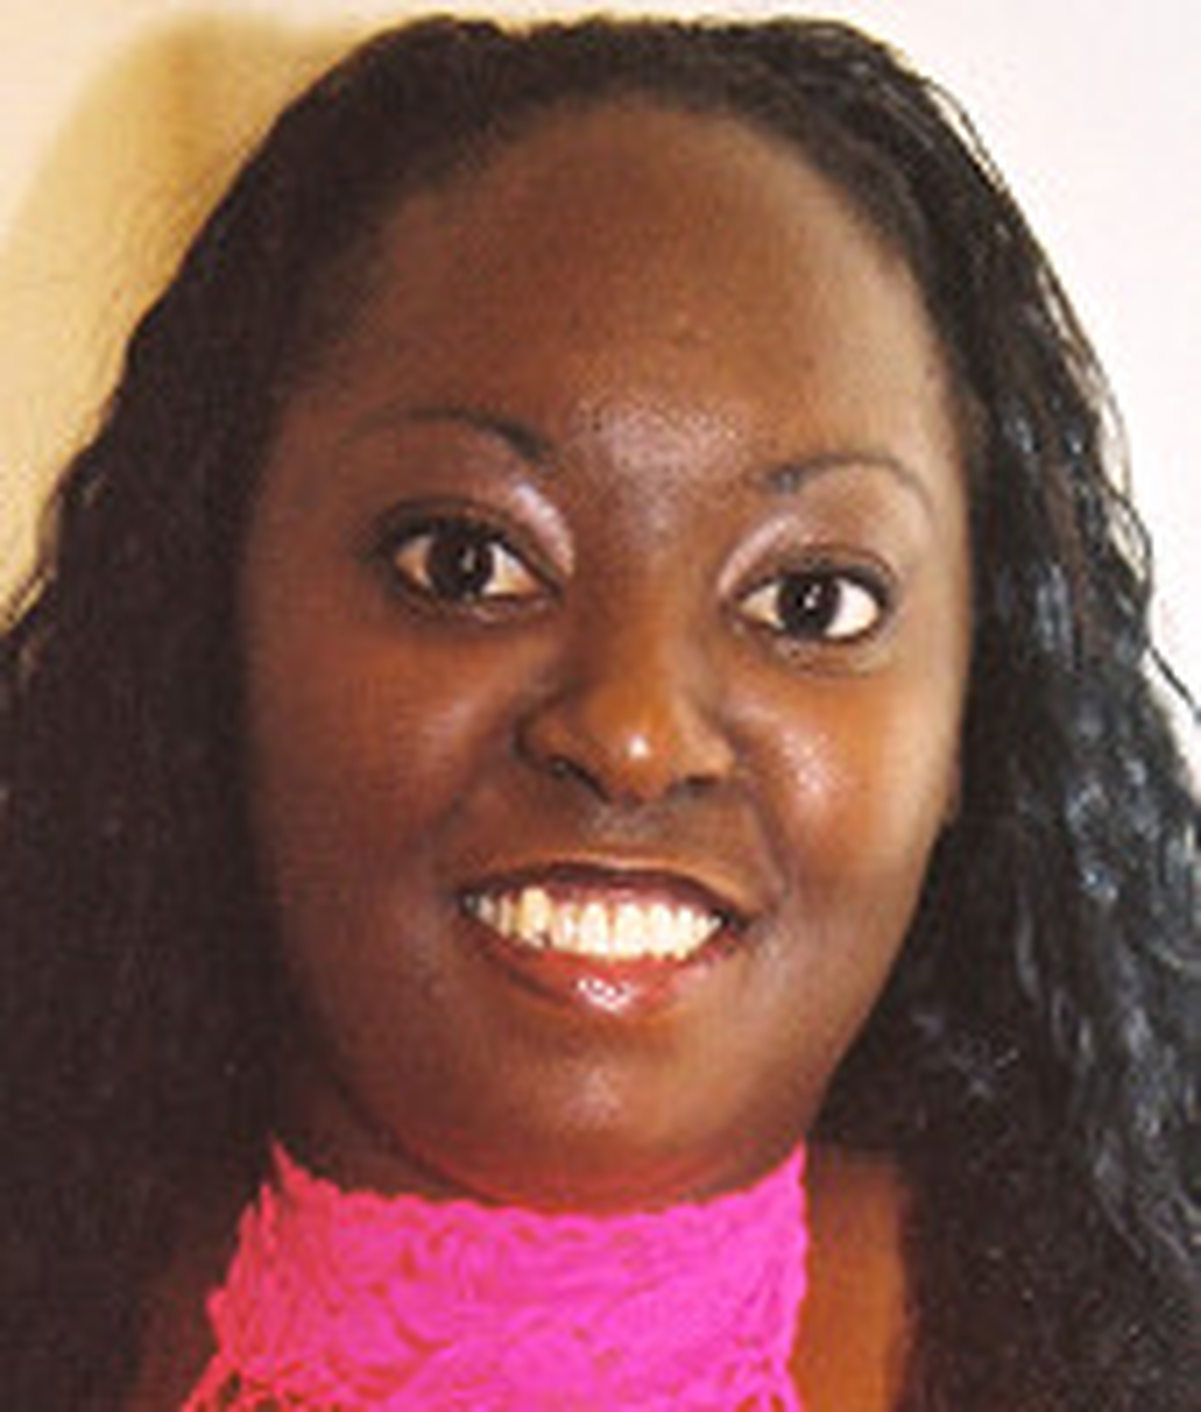 Shonta Cashay